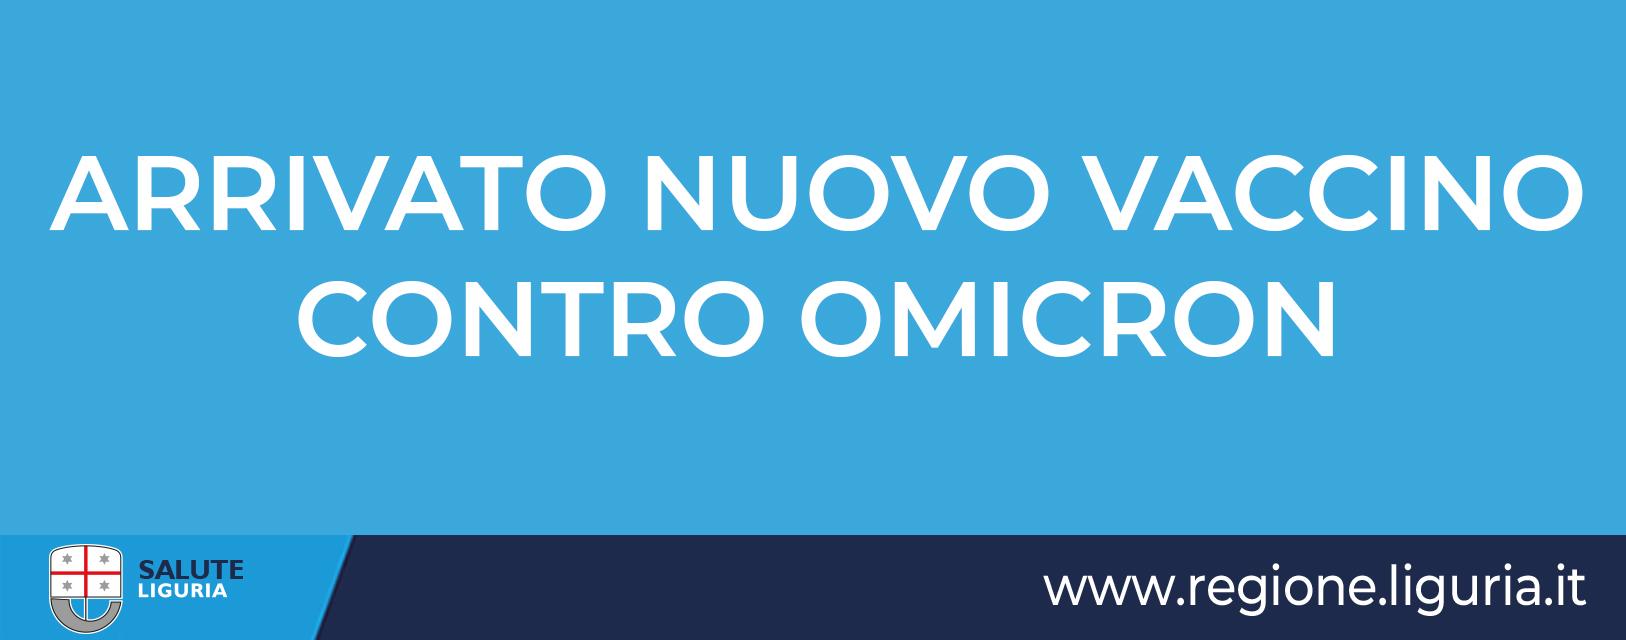 Campagna vaccinale Covid-19